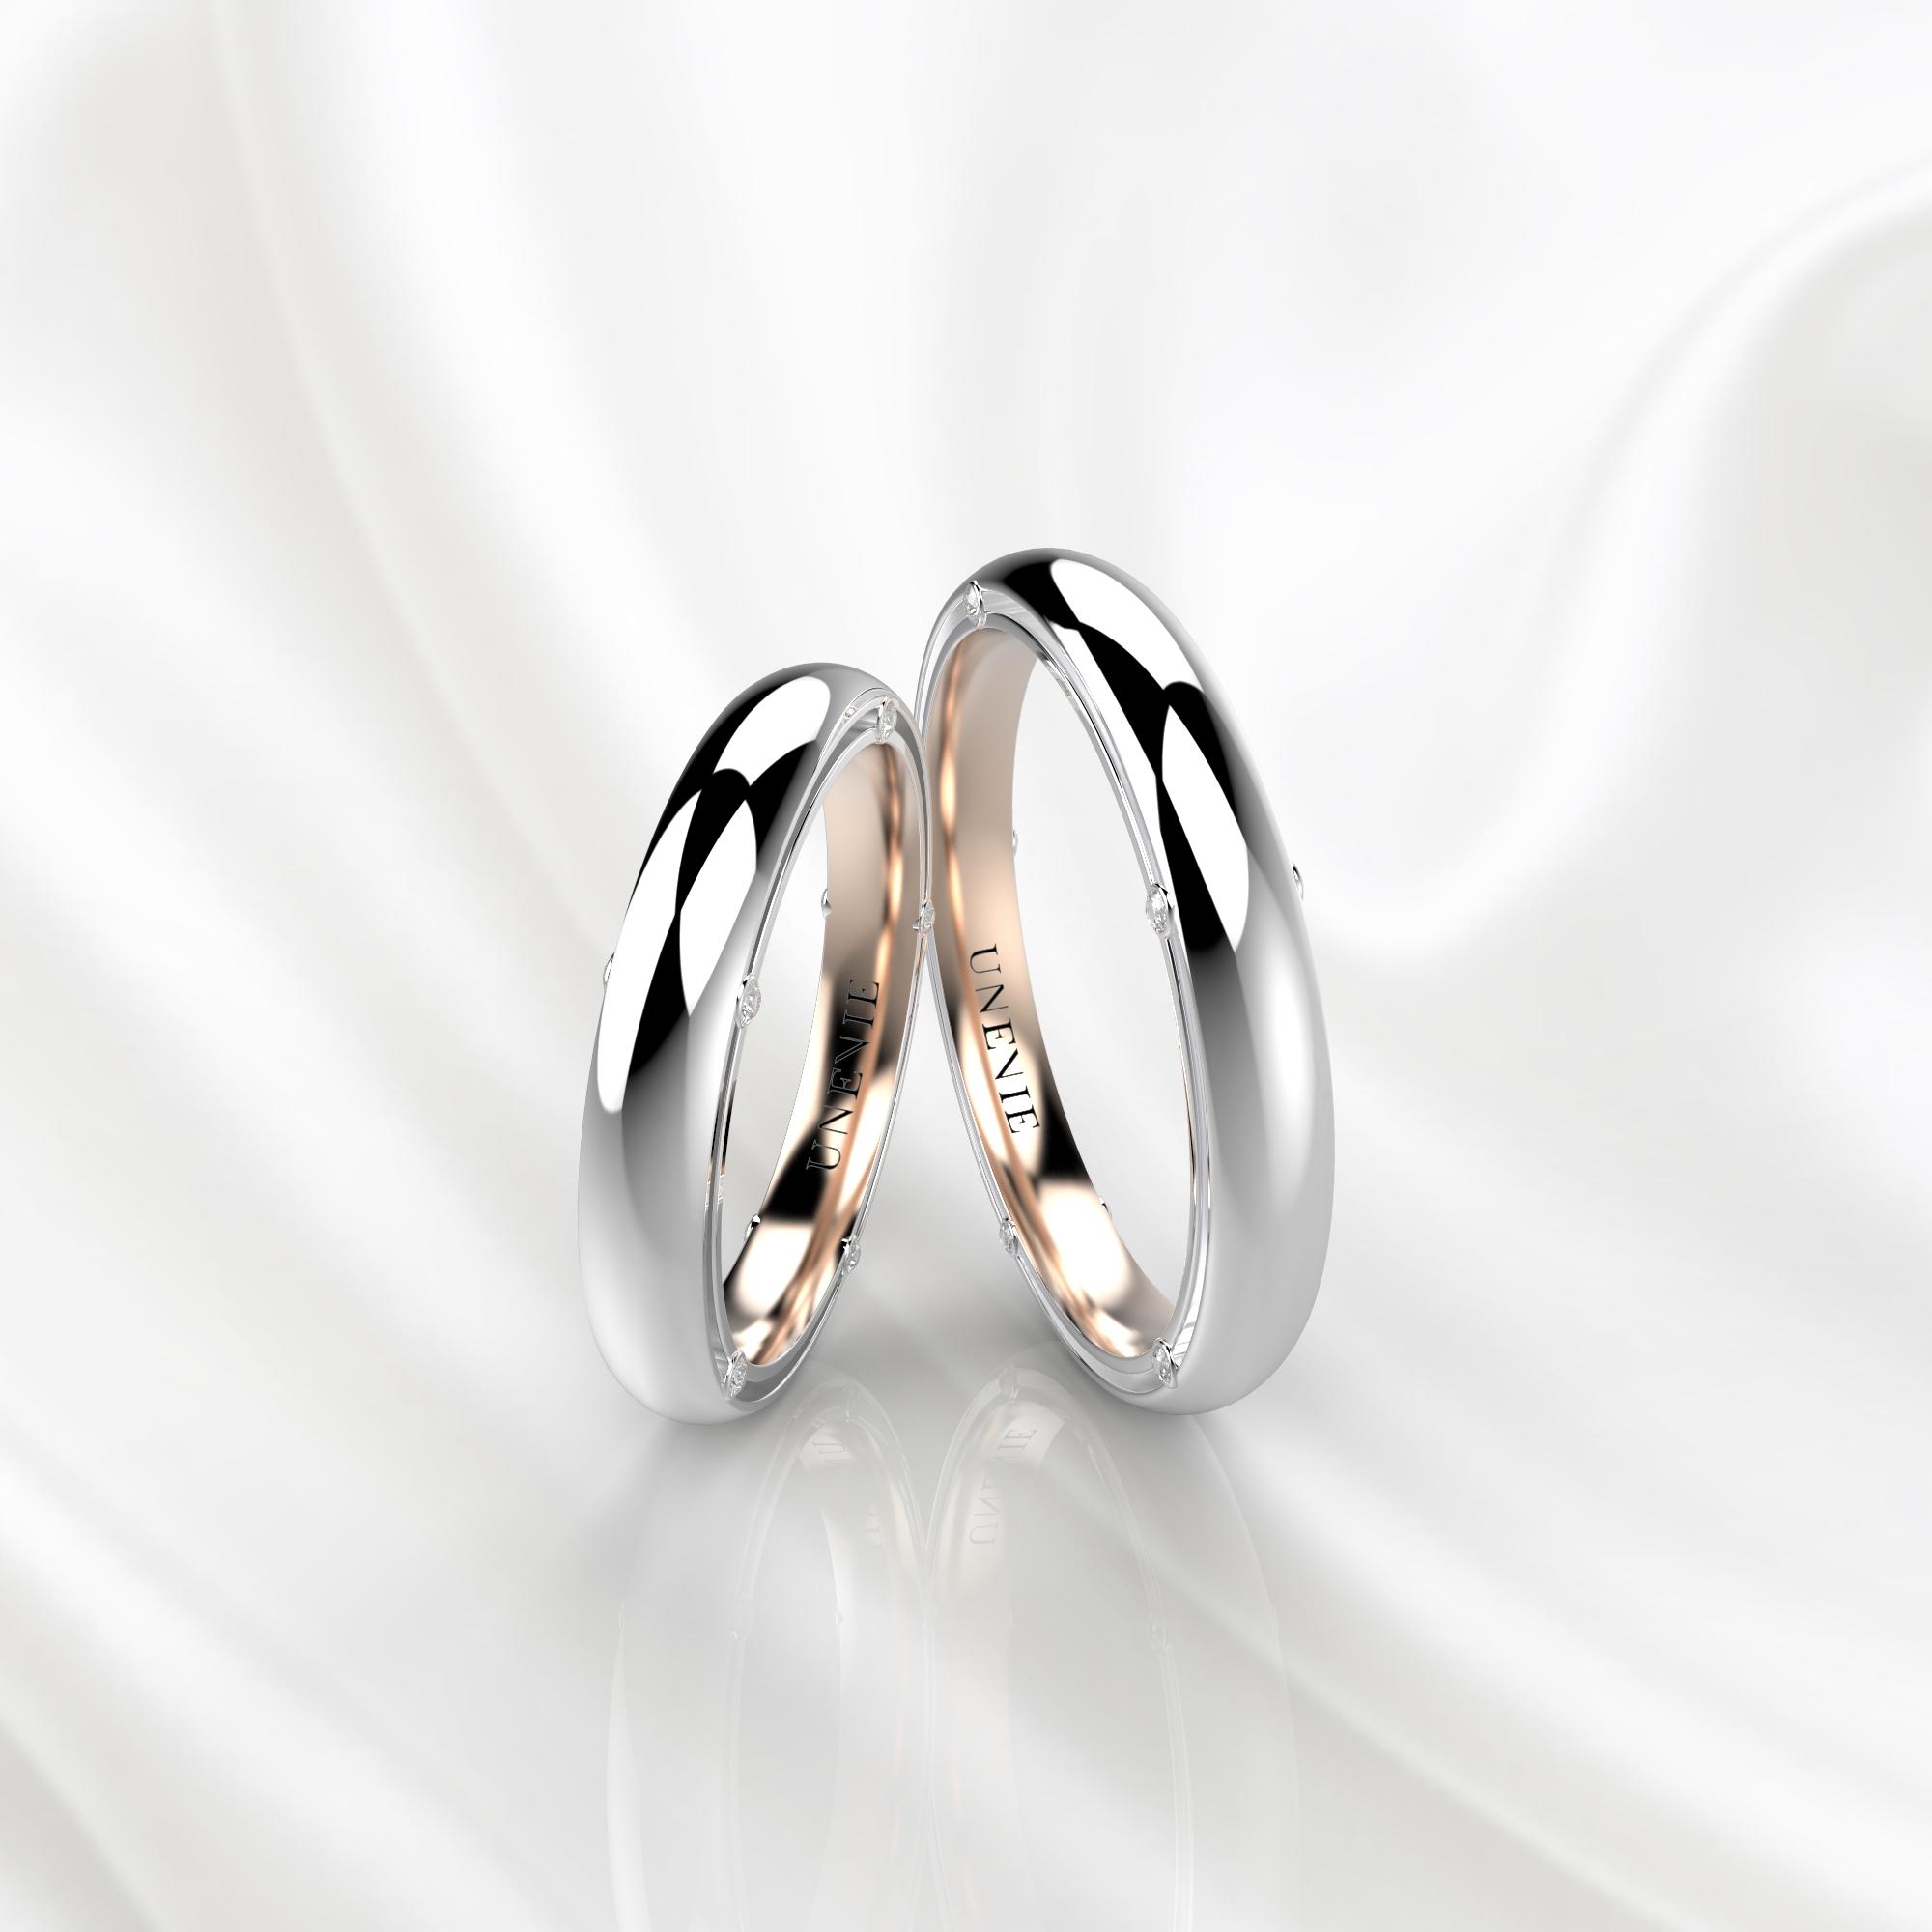 NV41 Обручальные кольца из бело-розового золота с бриллиантами